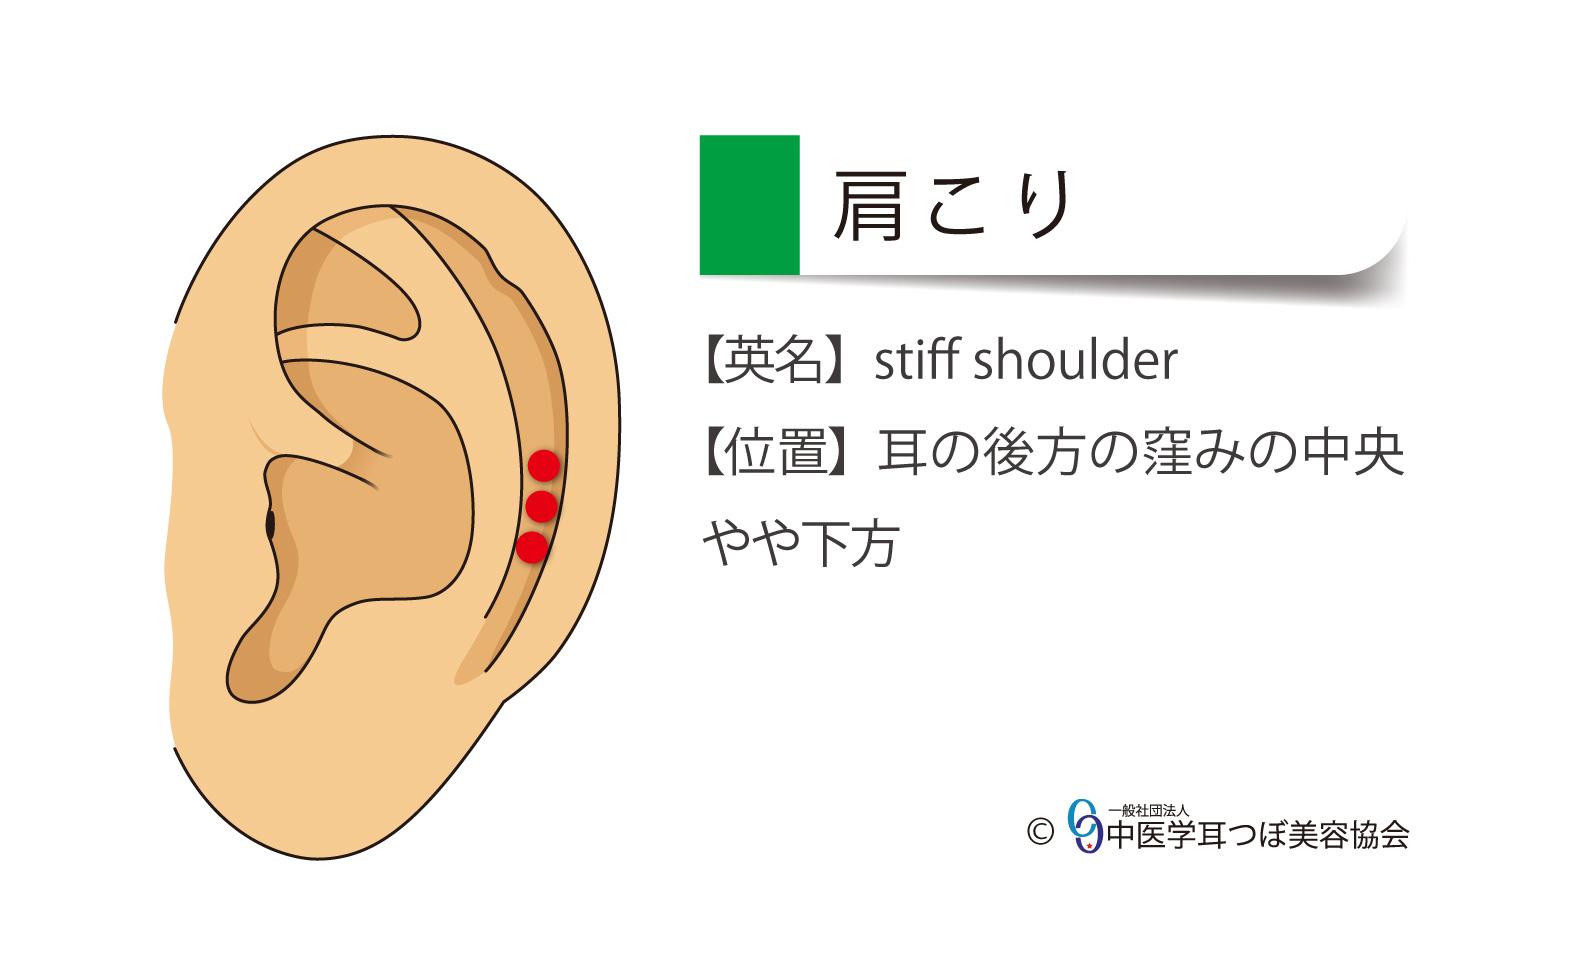 肩こり、stiff shoulder